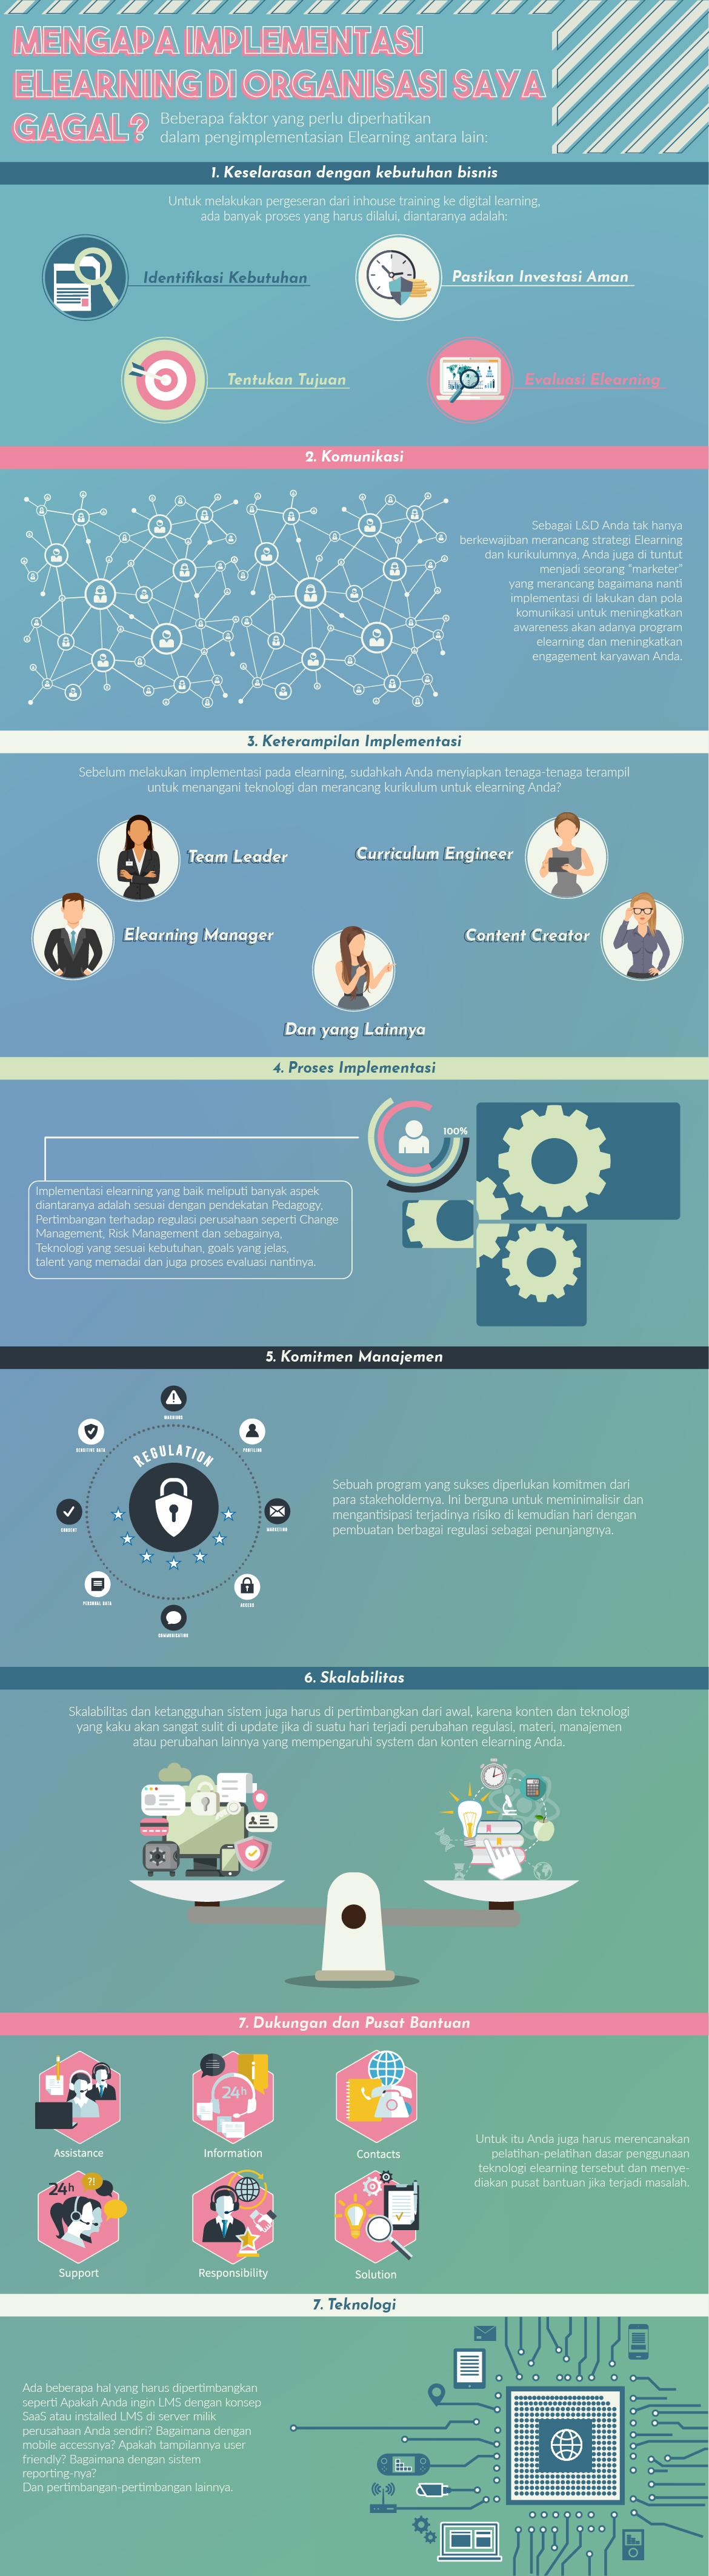 infografis-mengapa-implementasi-elearning-di-organisasi-saya-gagal